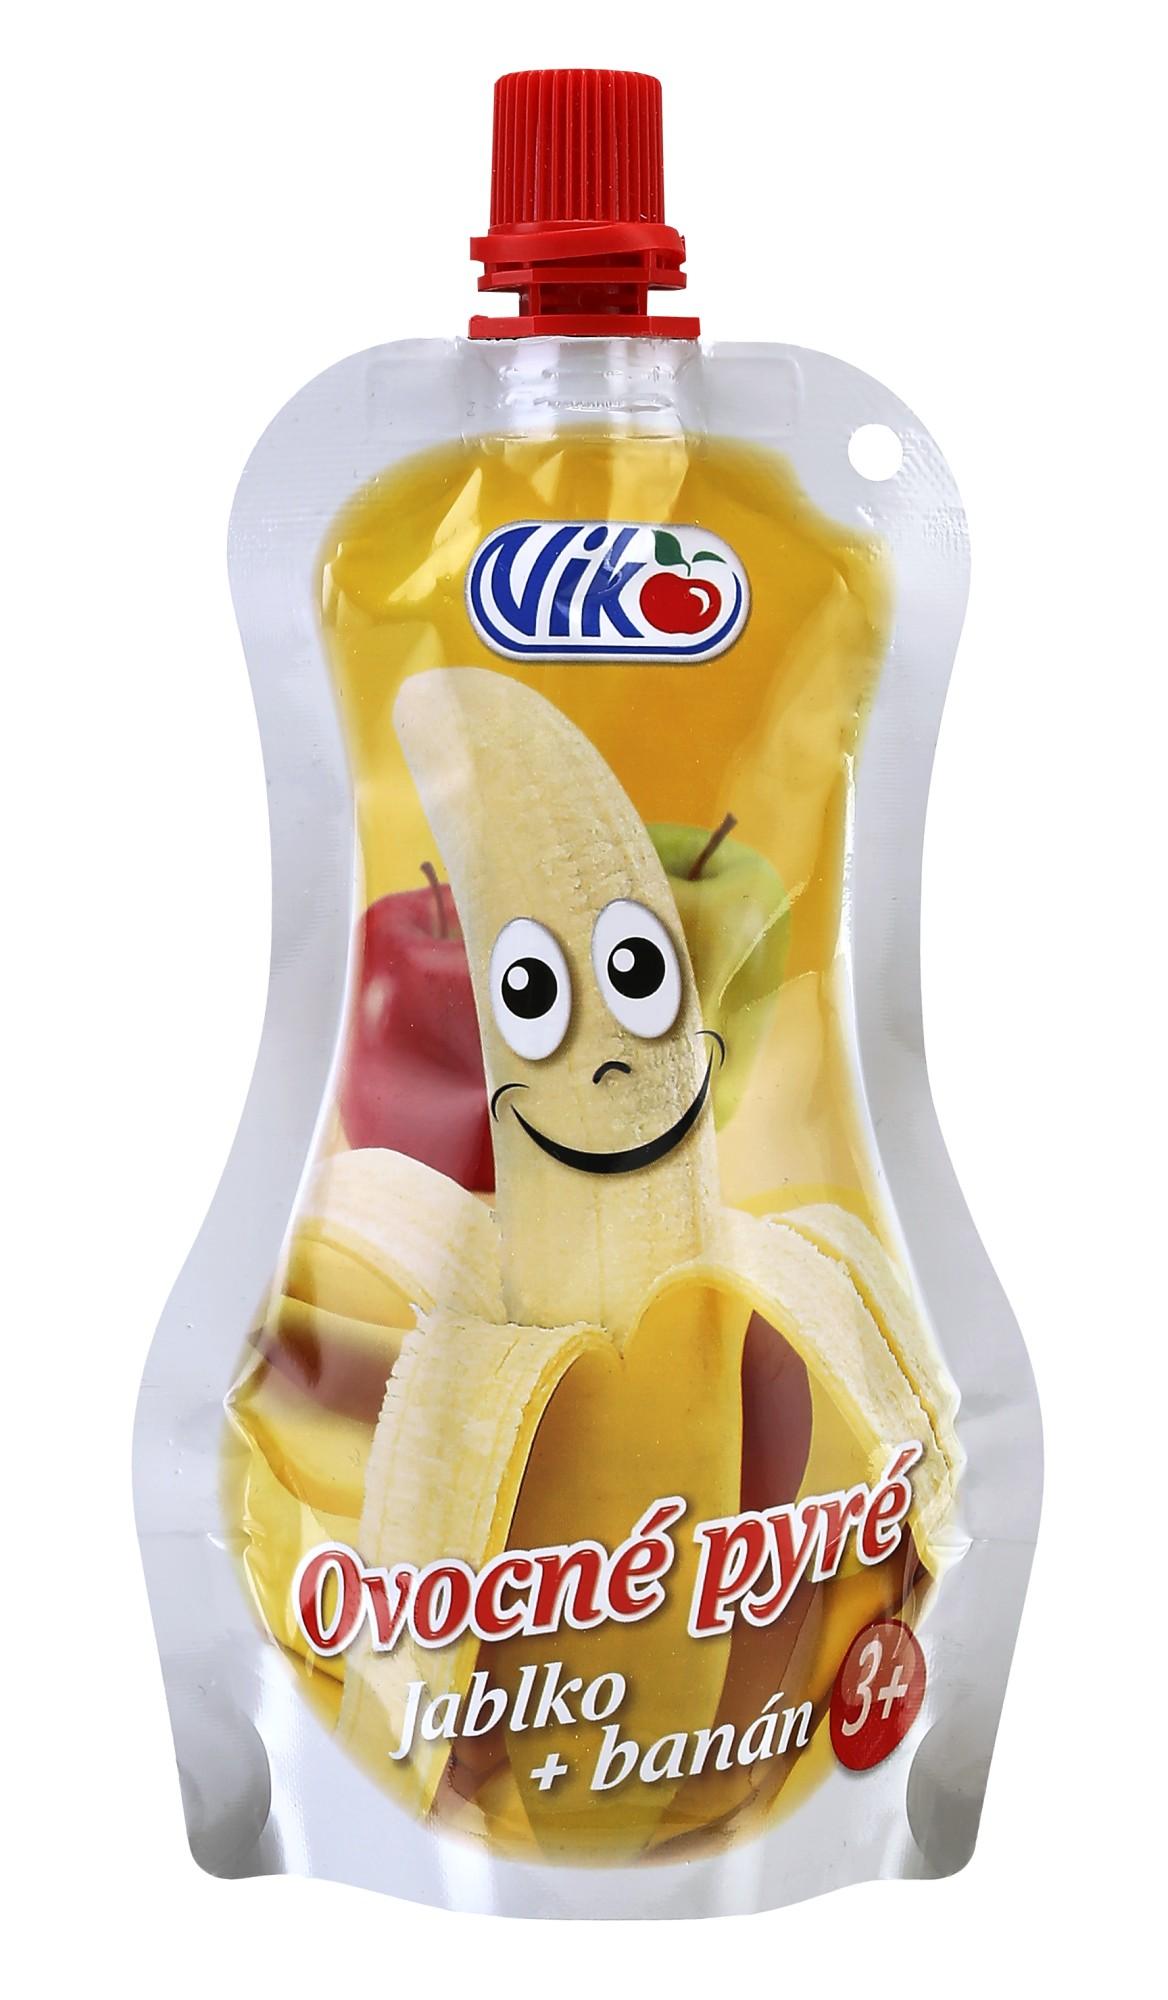 Ovocné pyré - jablko + banán